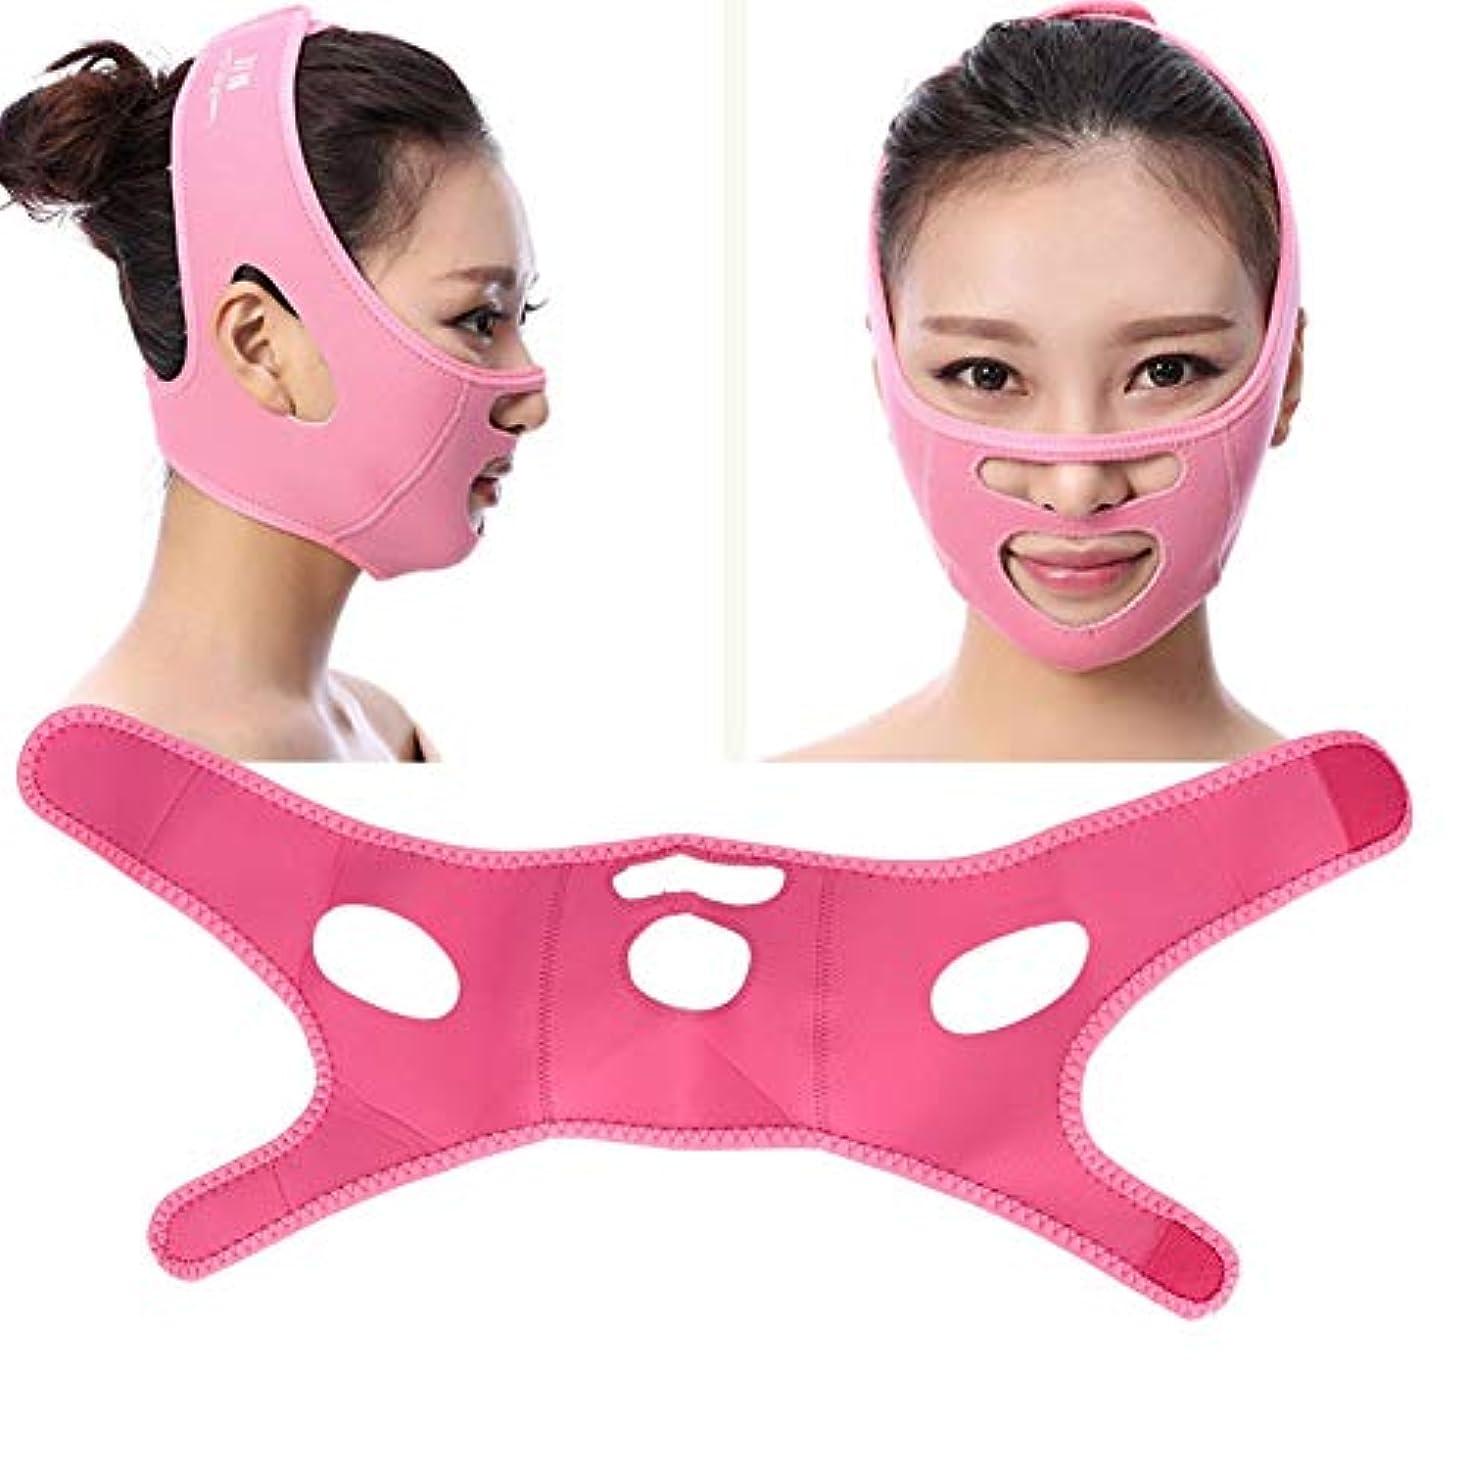 サンダースグレー日付付きスリミングマスク - V字型マスク、フェイスマスクV型 - 首とあごを持ち上げるため、アンチエイジング、しわを軽減